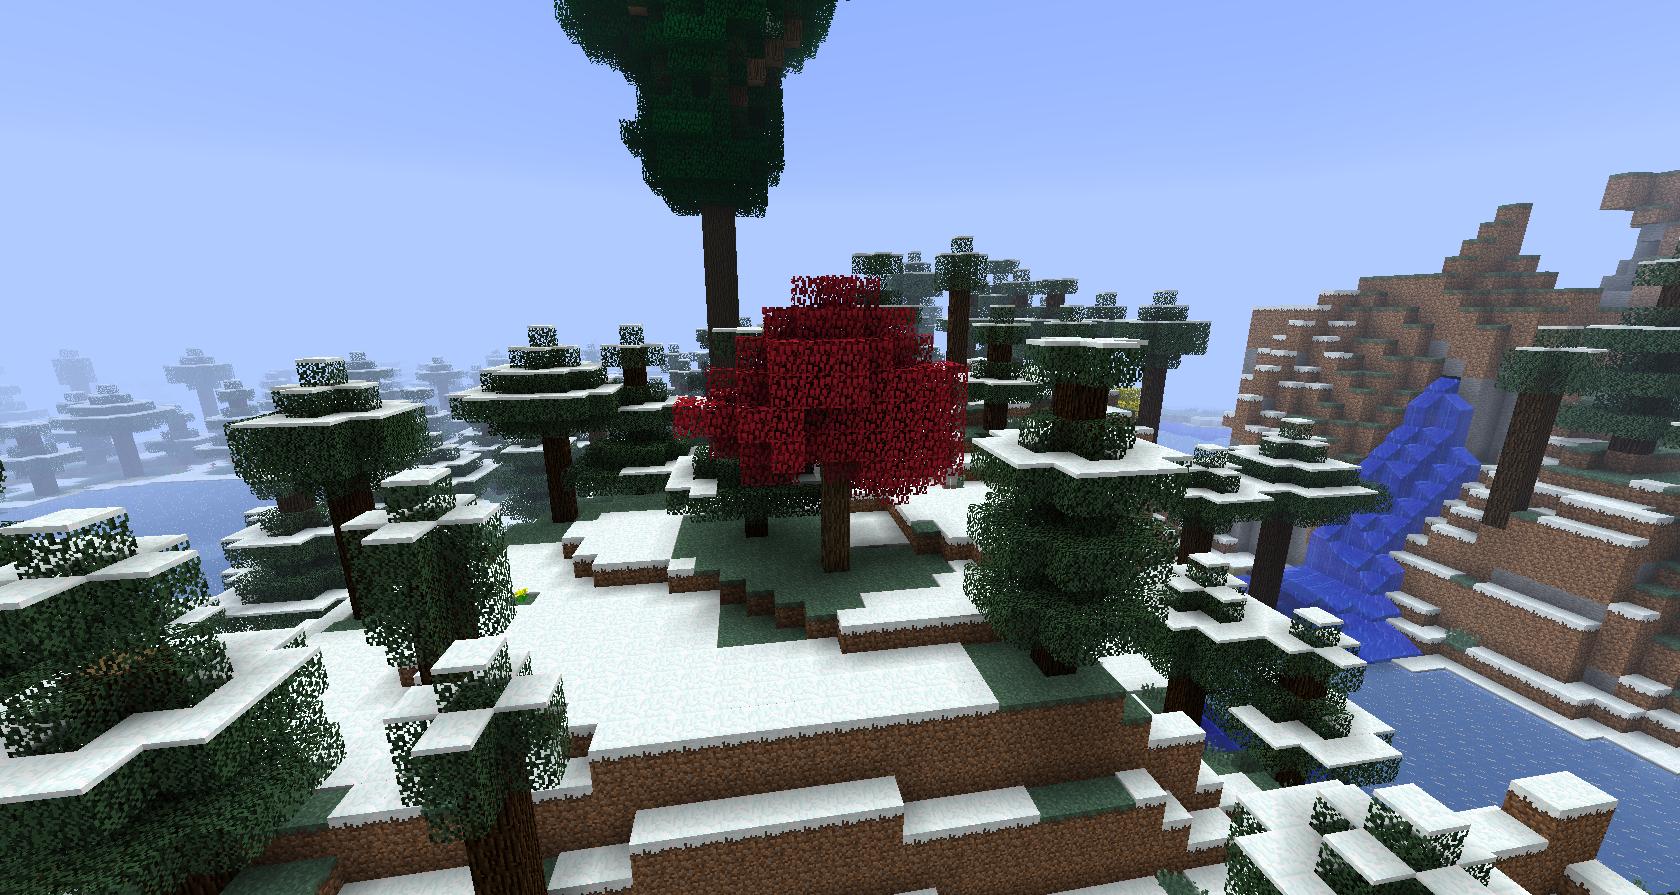 2012 02 17 18.45.04 [1.1] Trees++